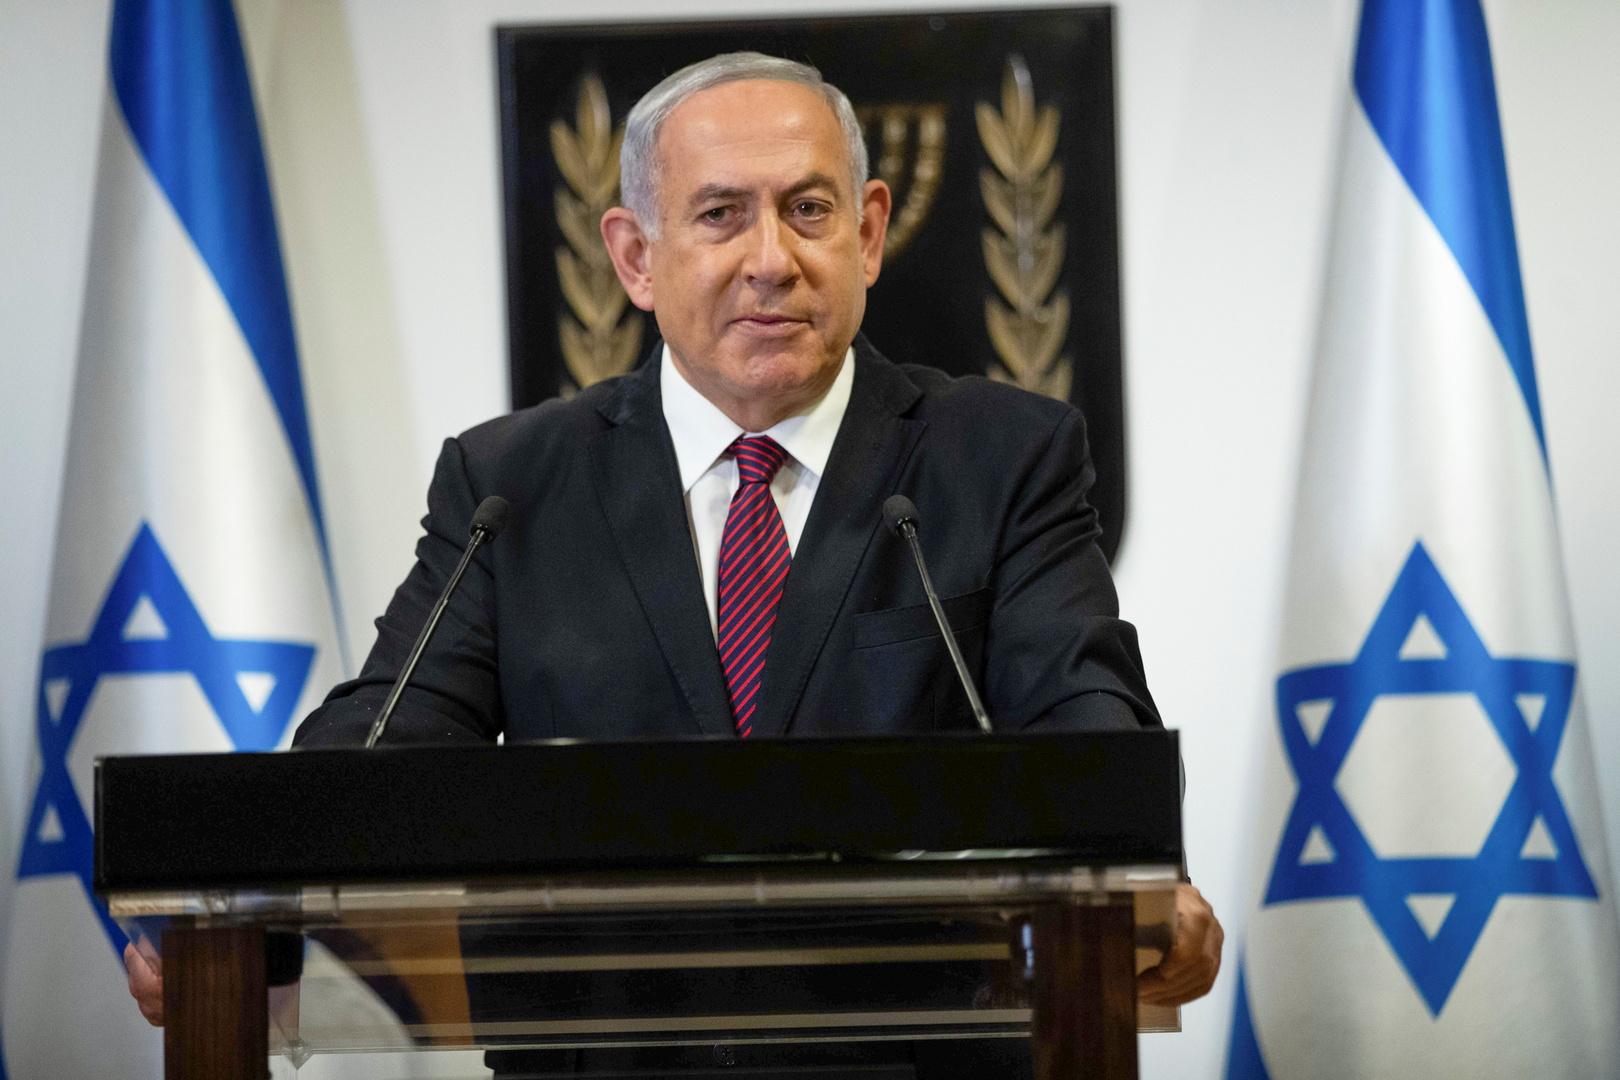 نتنياهو يتهم إيران بتفجير السفينة الإسرائيلية ويتكتم على الرد المحتمل